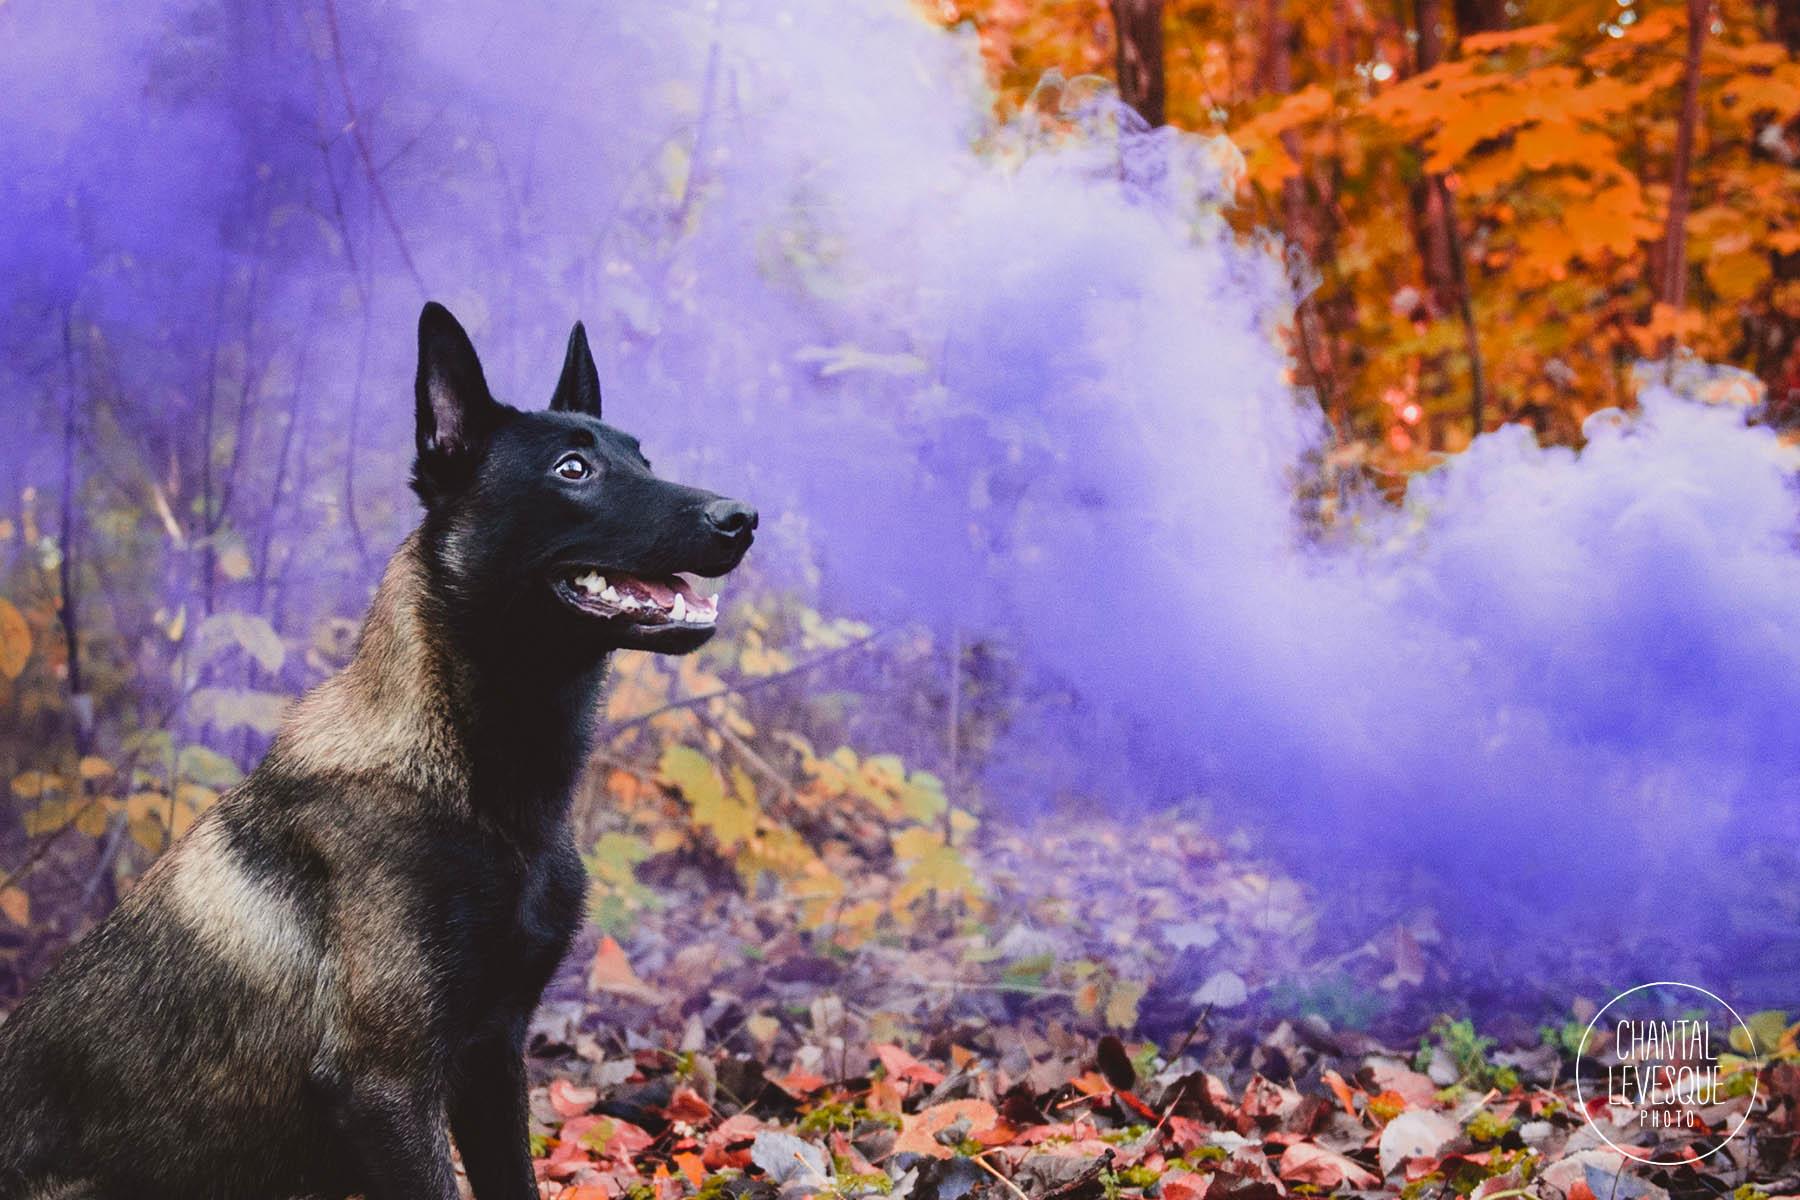 shepherd-color-smoke-photography.jpg